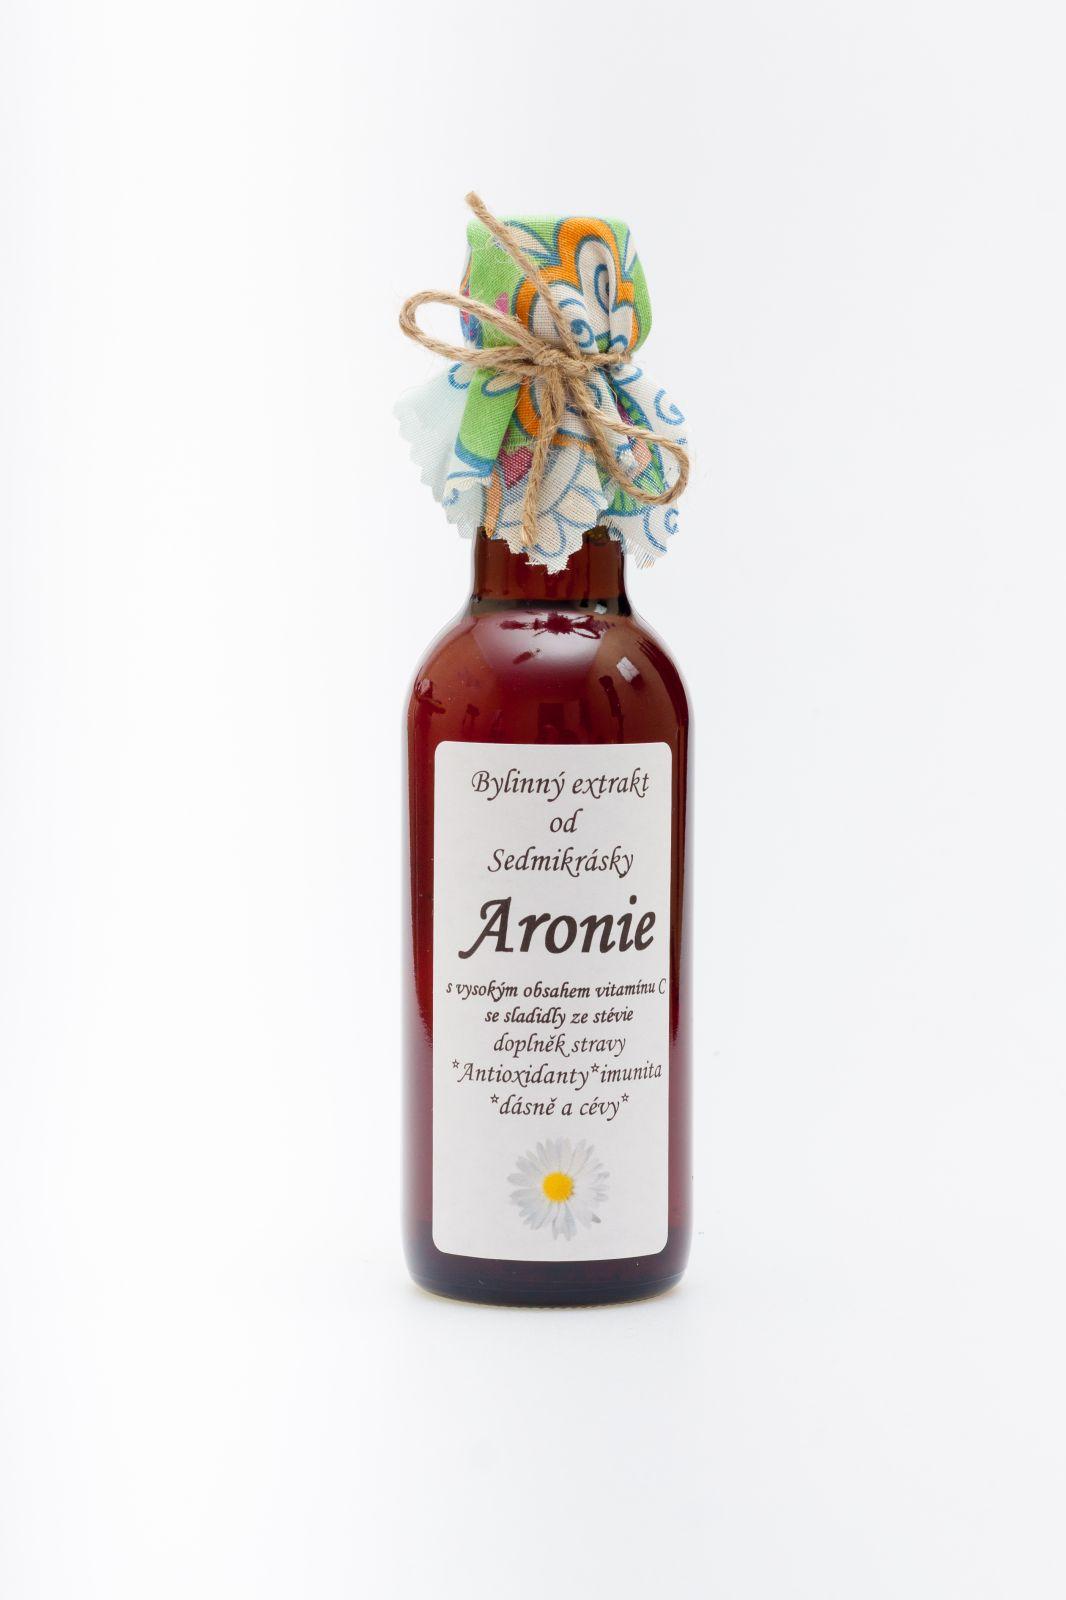 Sedmikráska bylinný extrakt Aronie 250ml antioxidanty, imunita, dásně, kůže, zuby, cévy a chrupavky, doplněk stravy Rodinná farma Sedmikráska